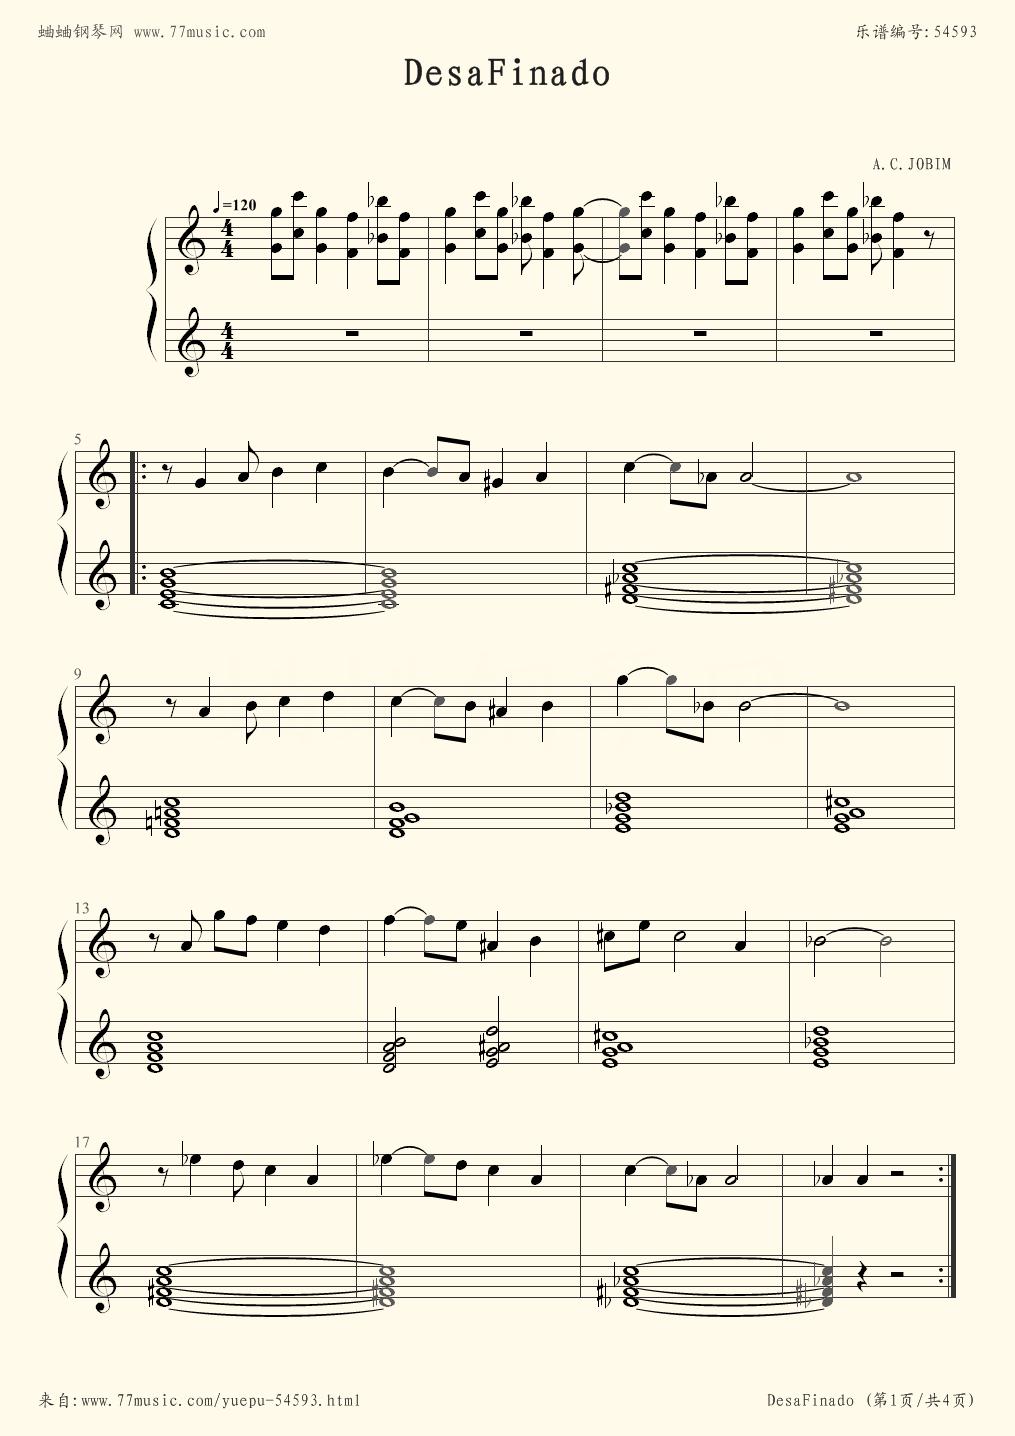 Desafinado - Stan Getz - first page